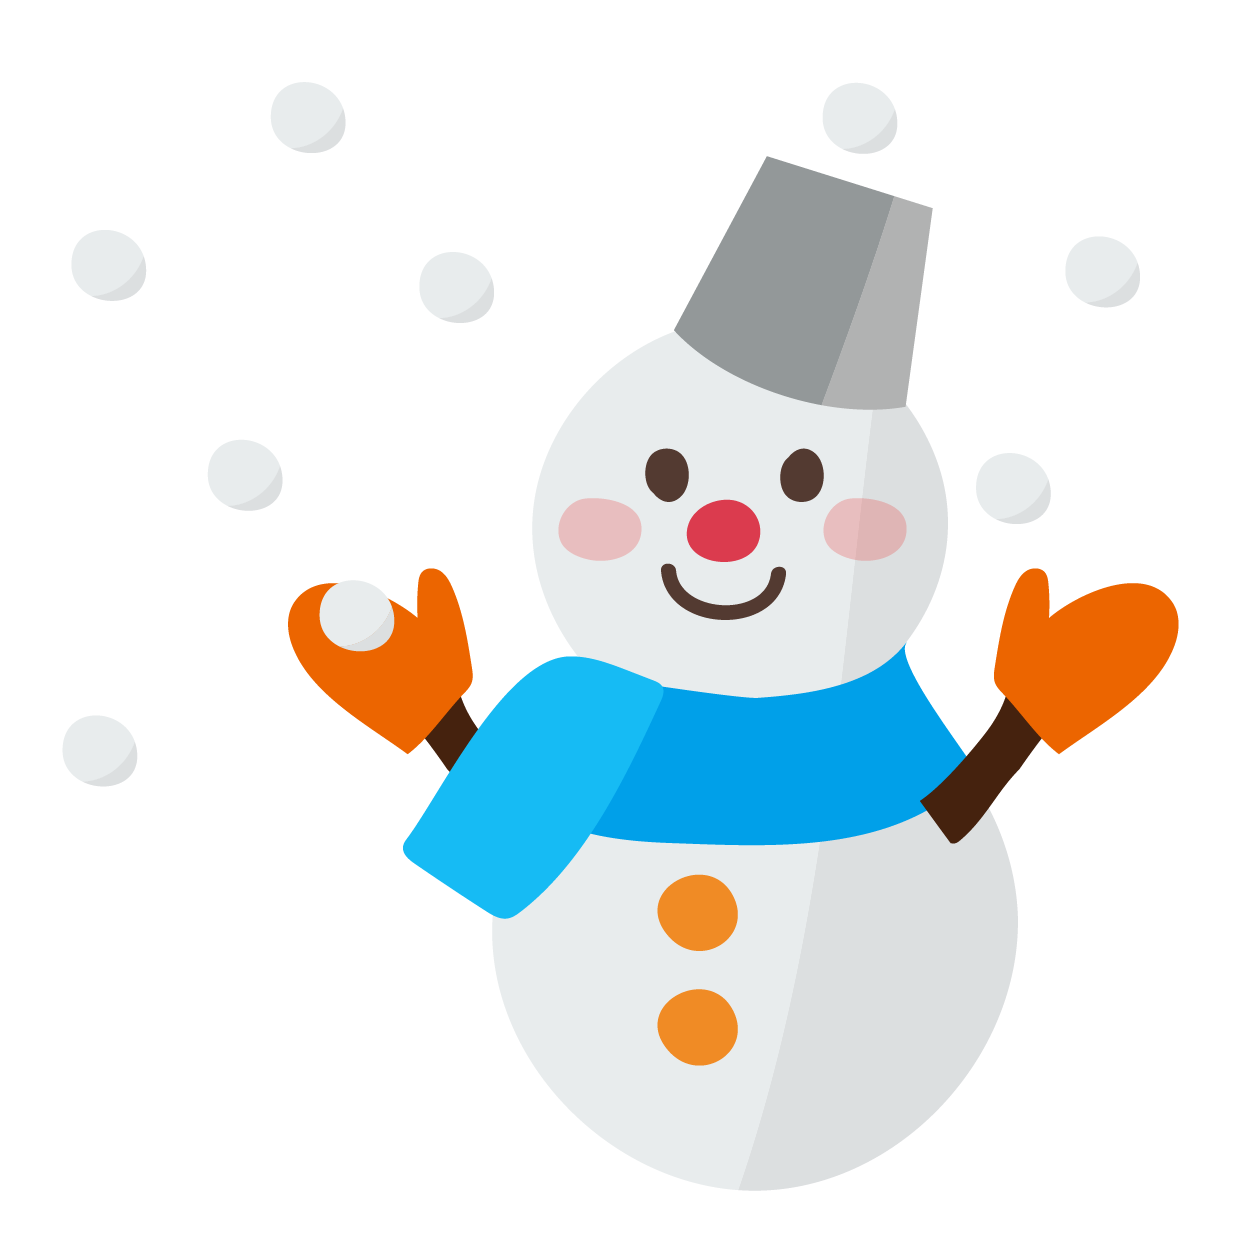 「雪 イラスト」の画像検索結果